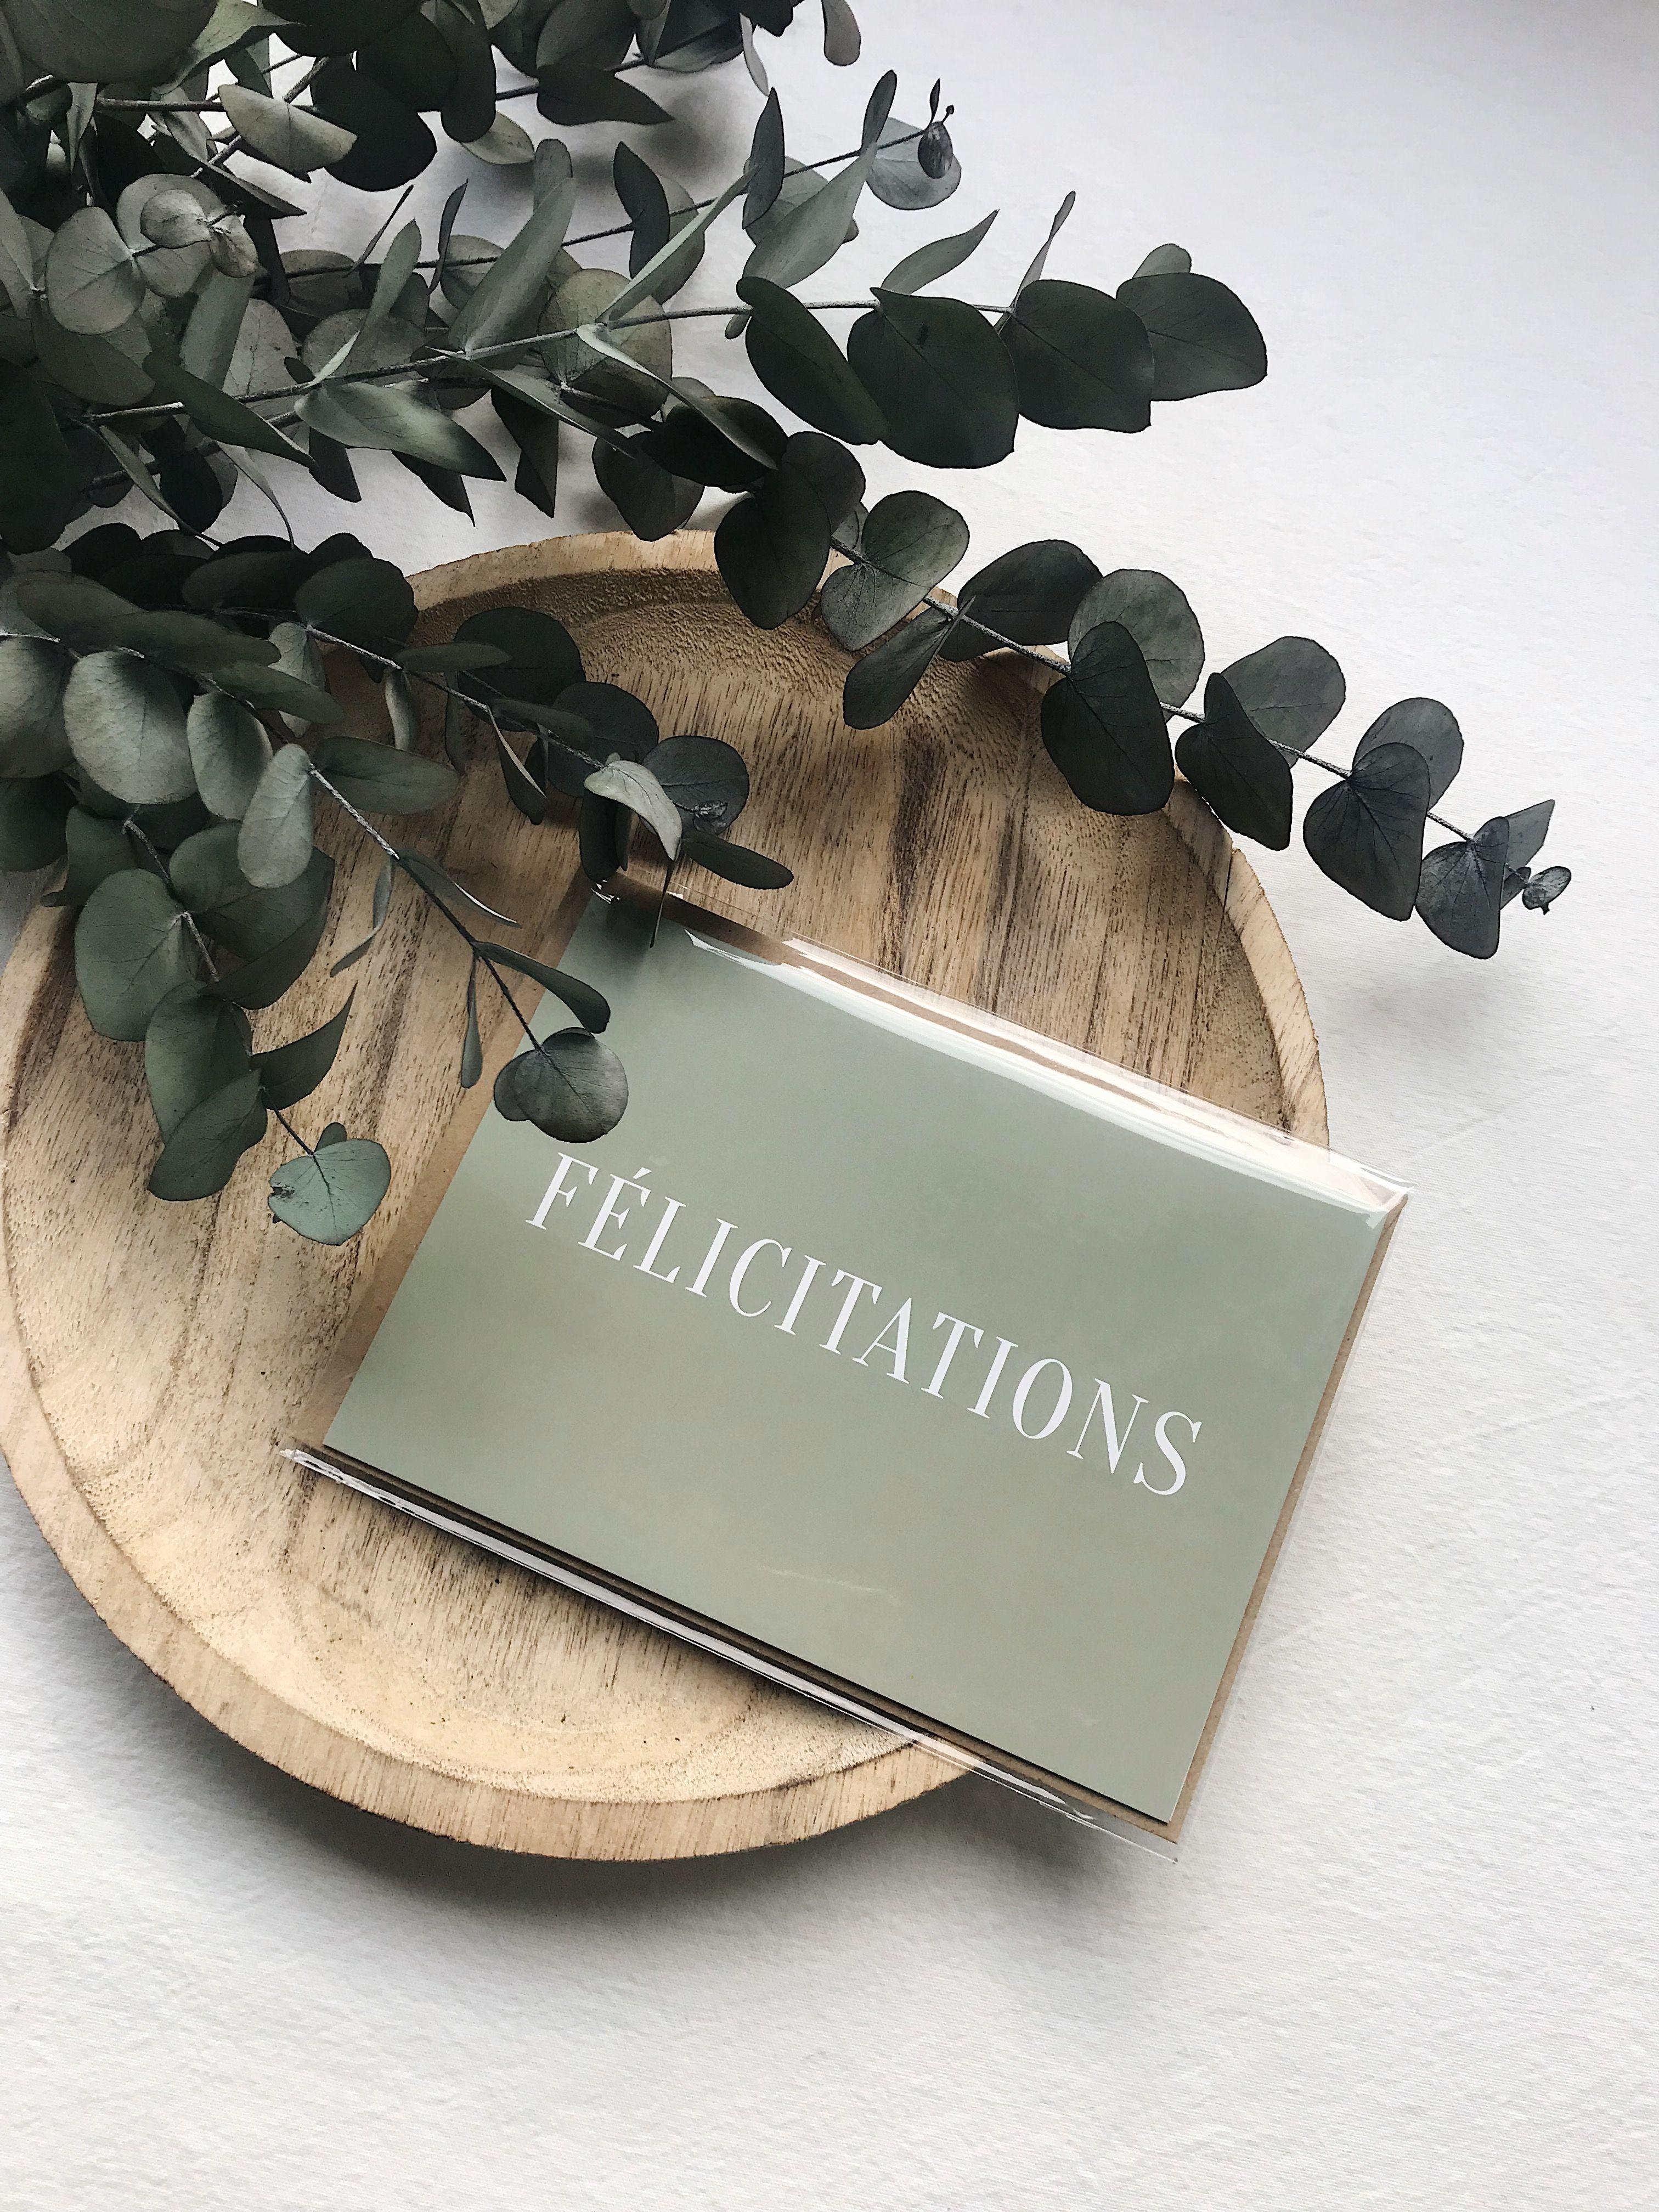 CARTE DE VŒUX FÉLICITATIONS VERT  SEVEN PAPER Une carte de vœux est un élément essentiel pour adresser quelques mots doux